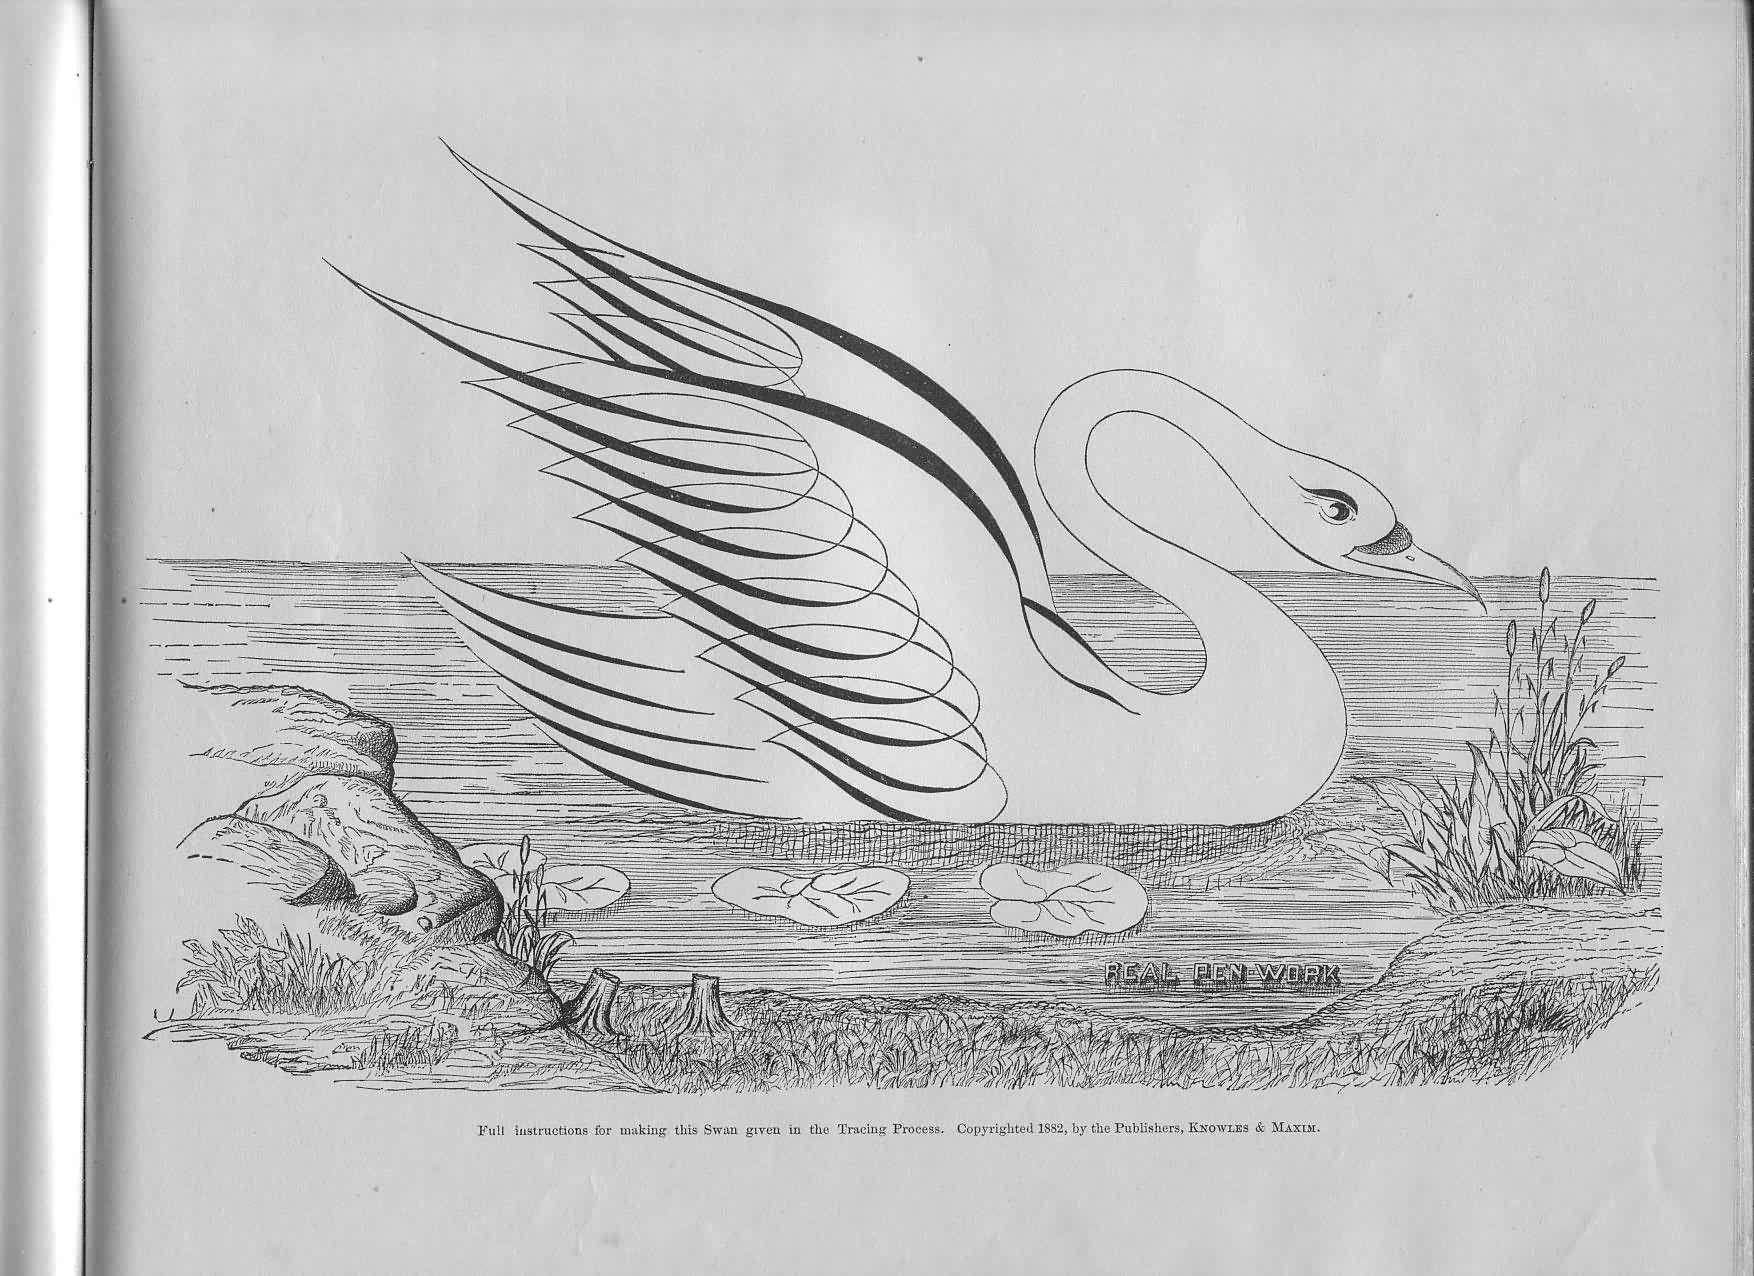 Real Pen Work Script Stroke Swan